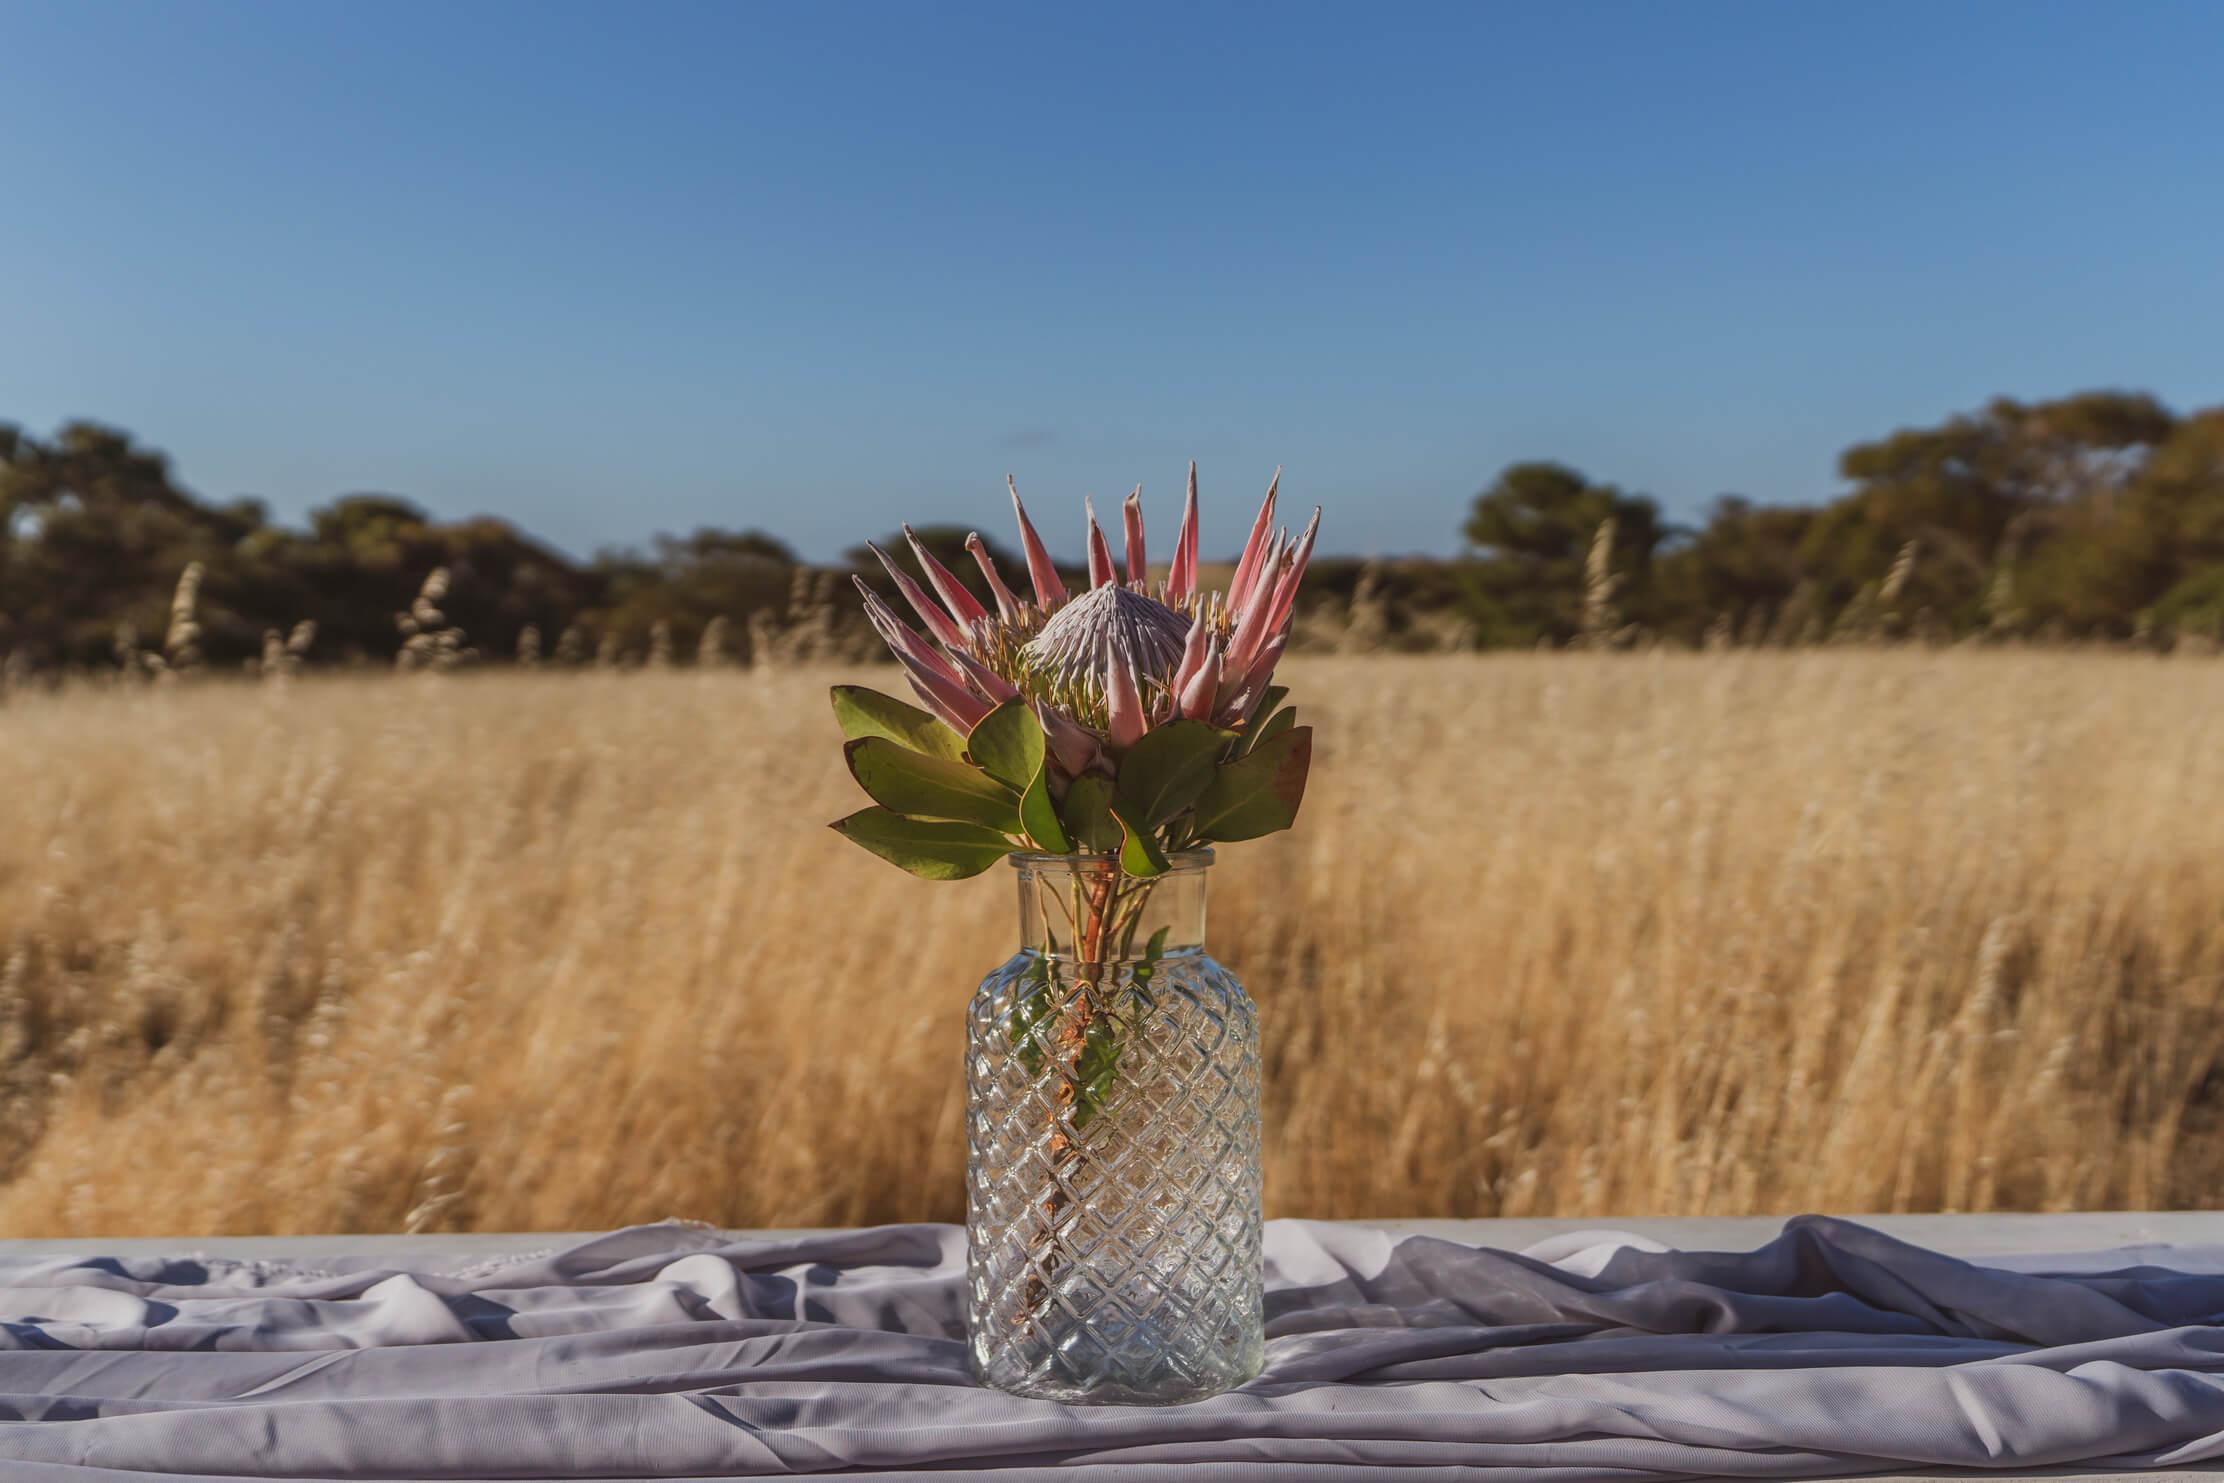 Large patterned glass vase